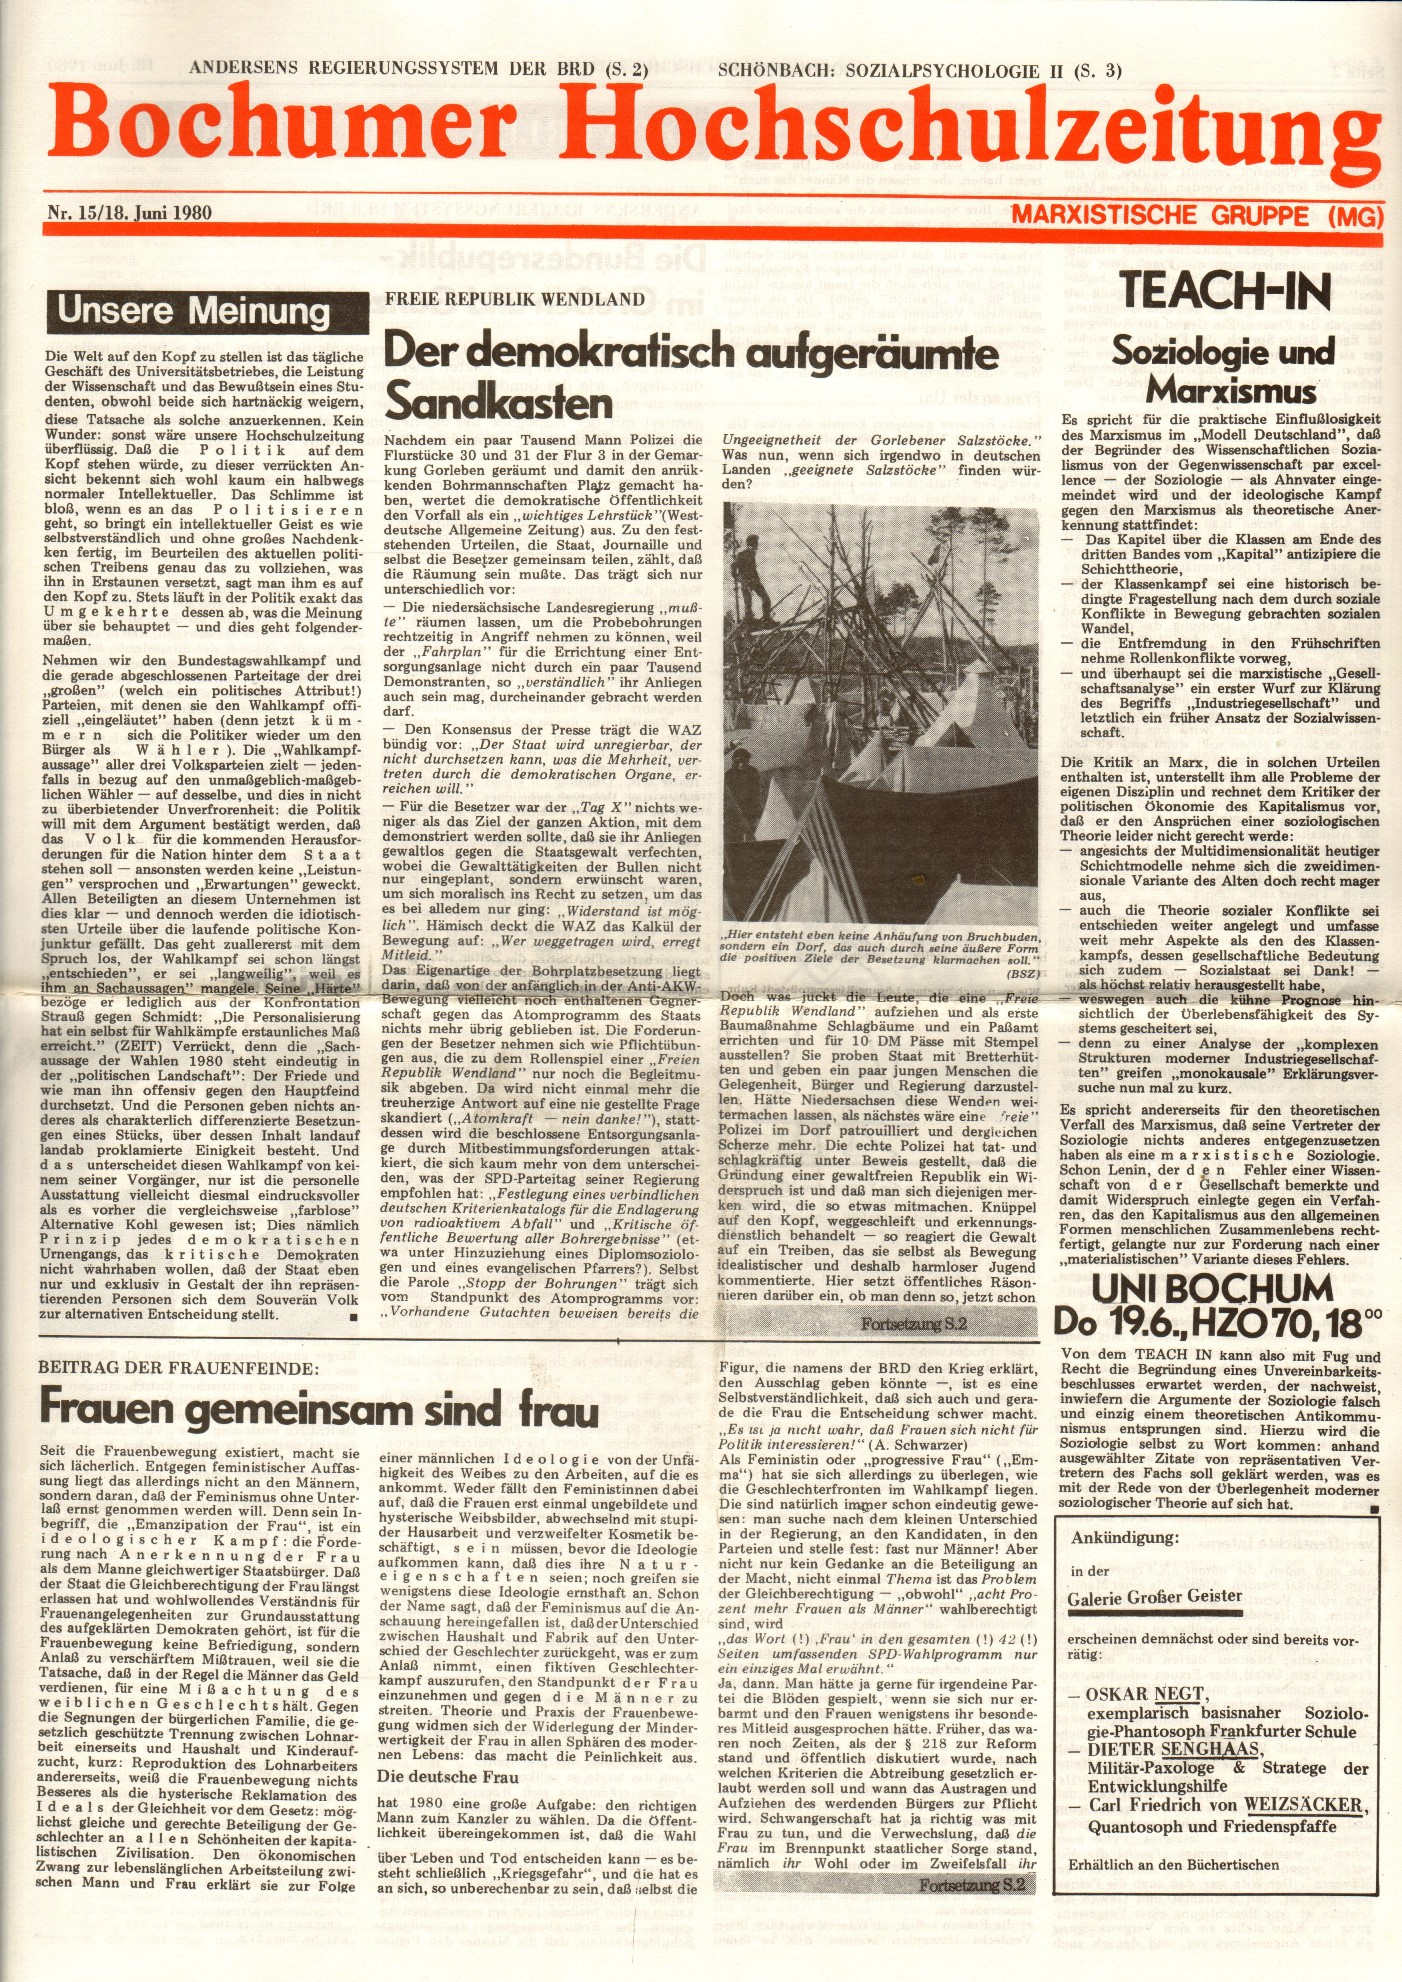 MG_Bochumer_Hochschulzeitung_19800618_01